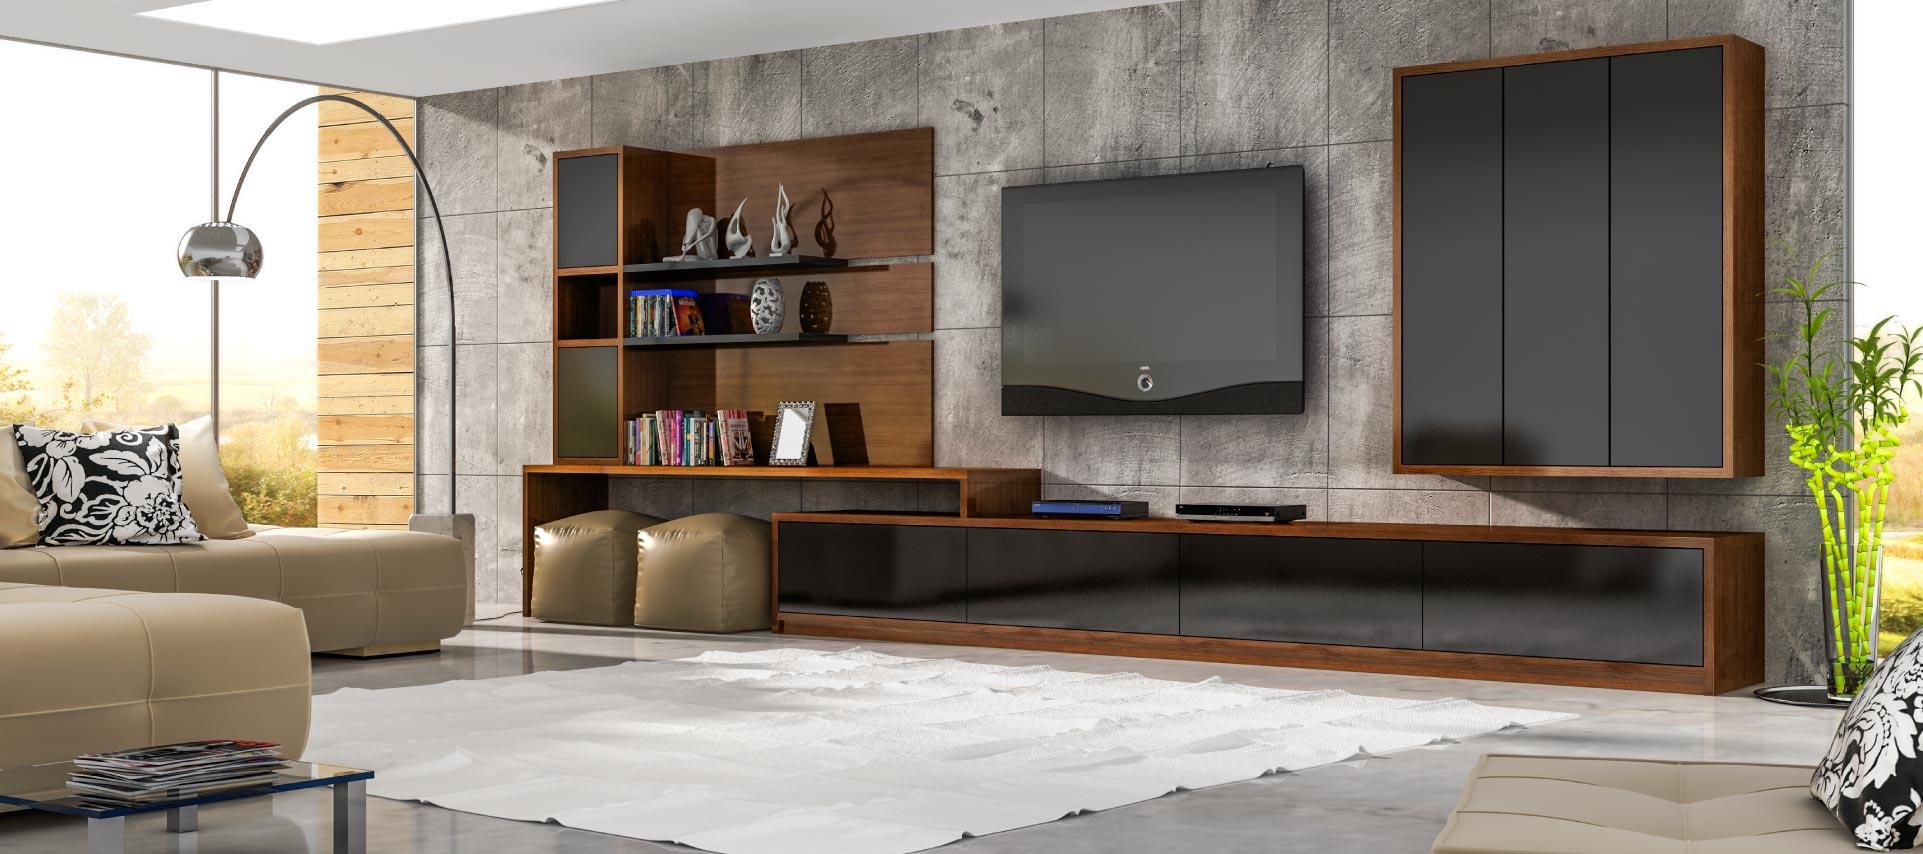 https://www.decor8planejados.com.br/wp-content/uploads/2016/03/moveis-home-theater-planejado-decor8.jpg